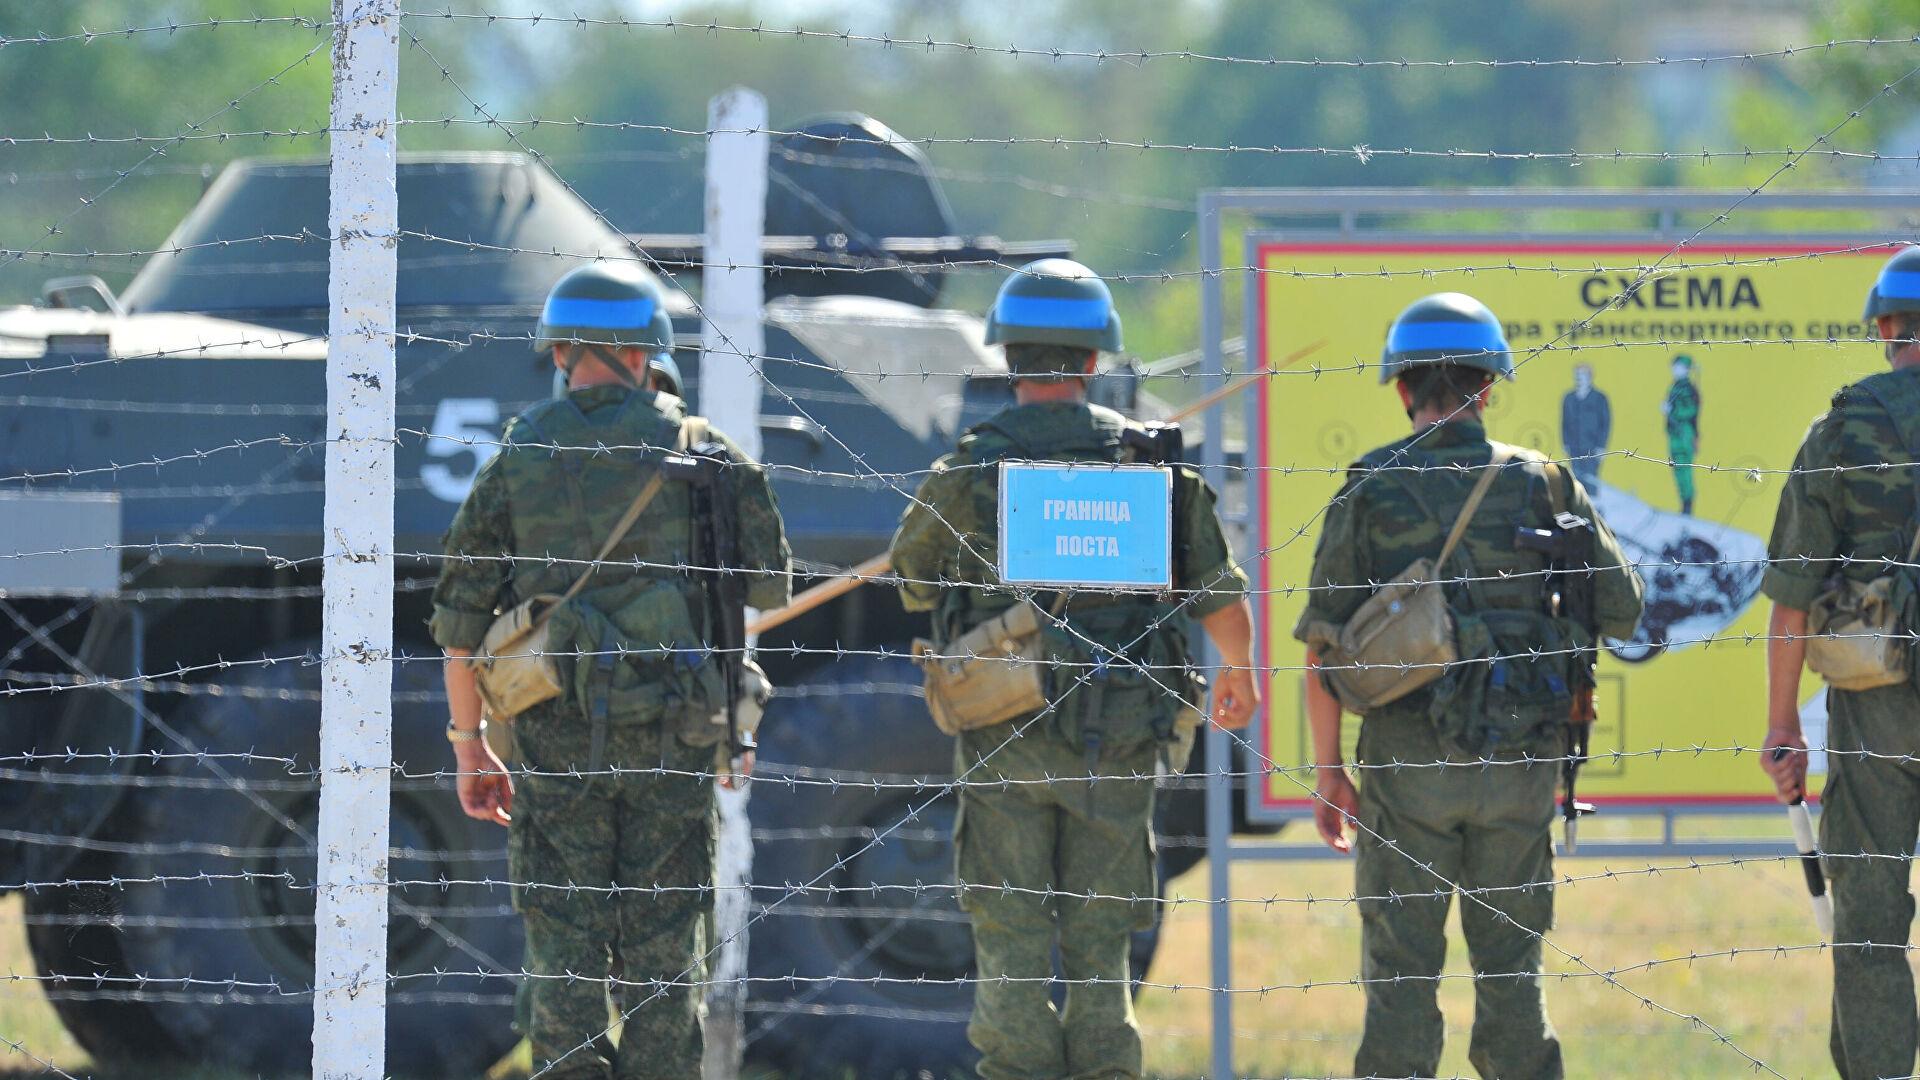 """Придњестровље позвало Молдавију да """"покаже више одговорности и промишљености у формулисању свог става"""""""